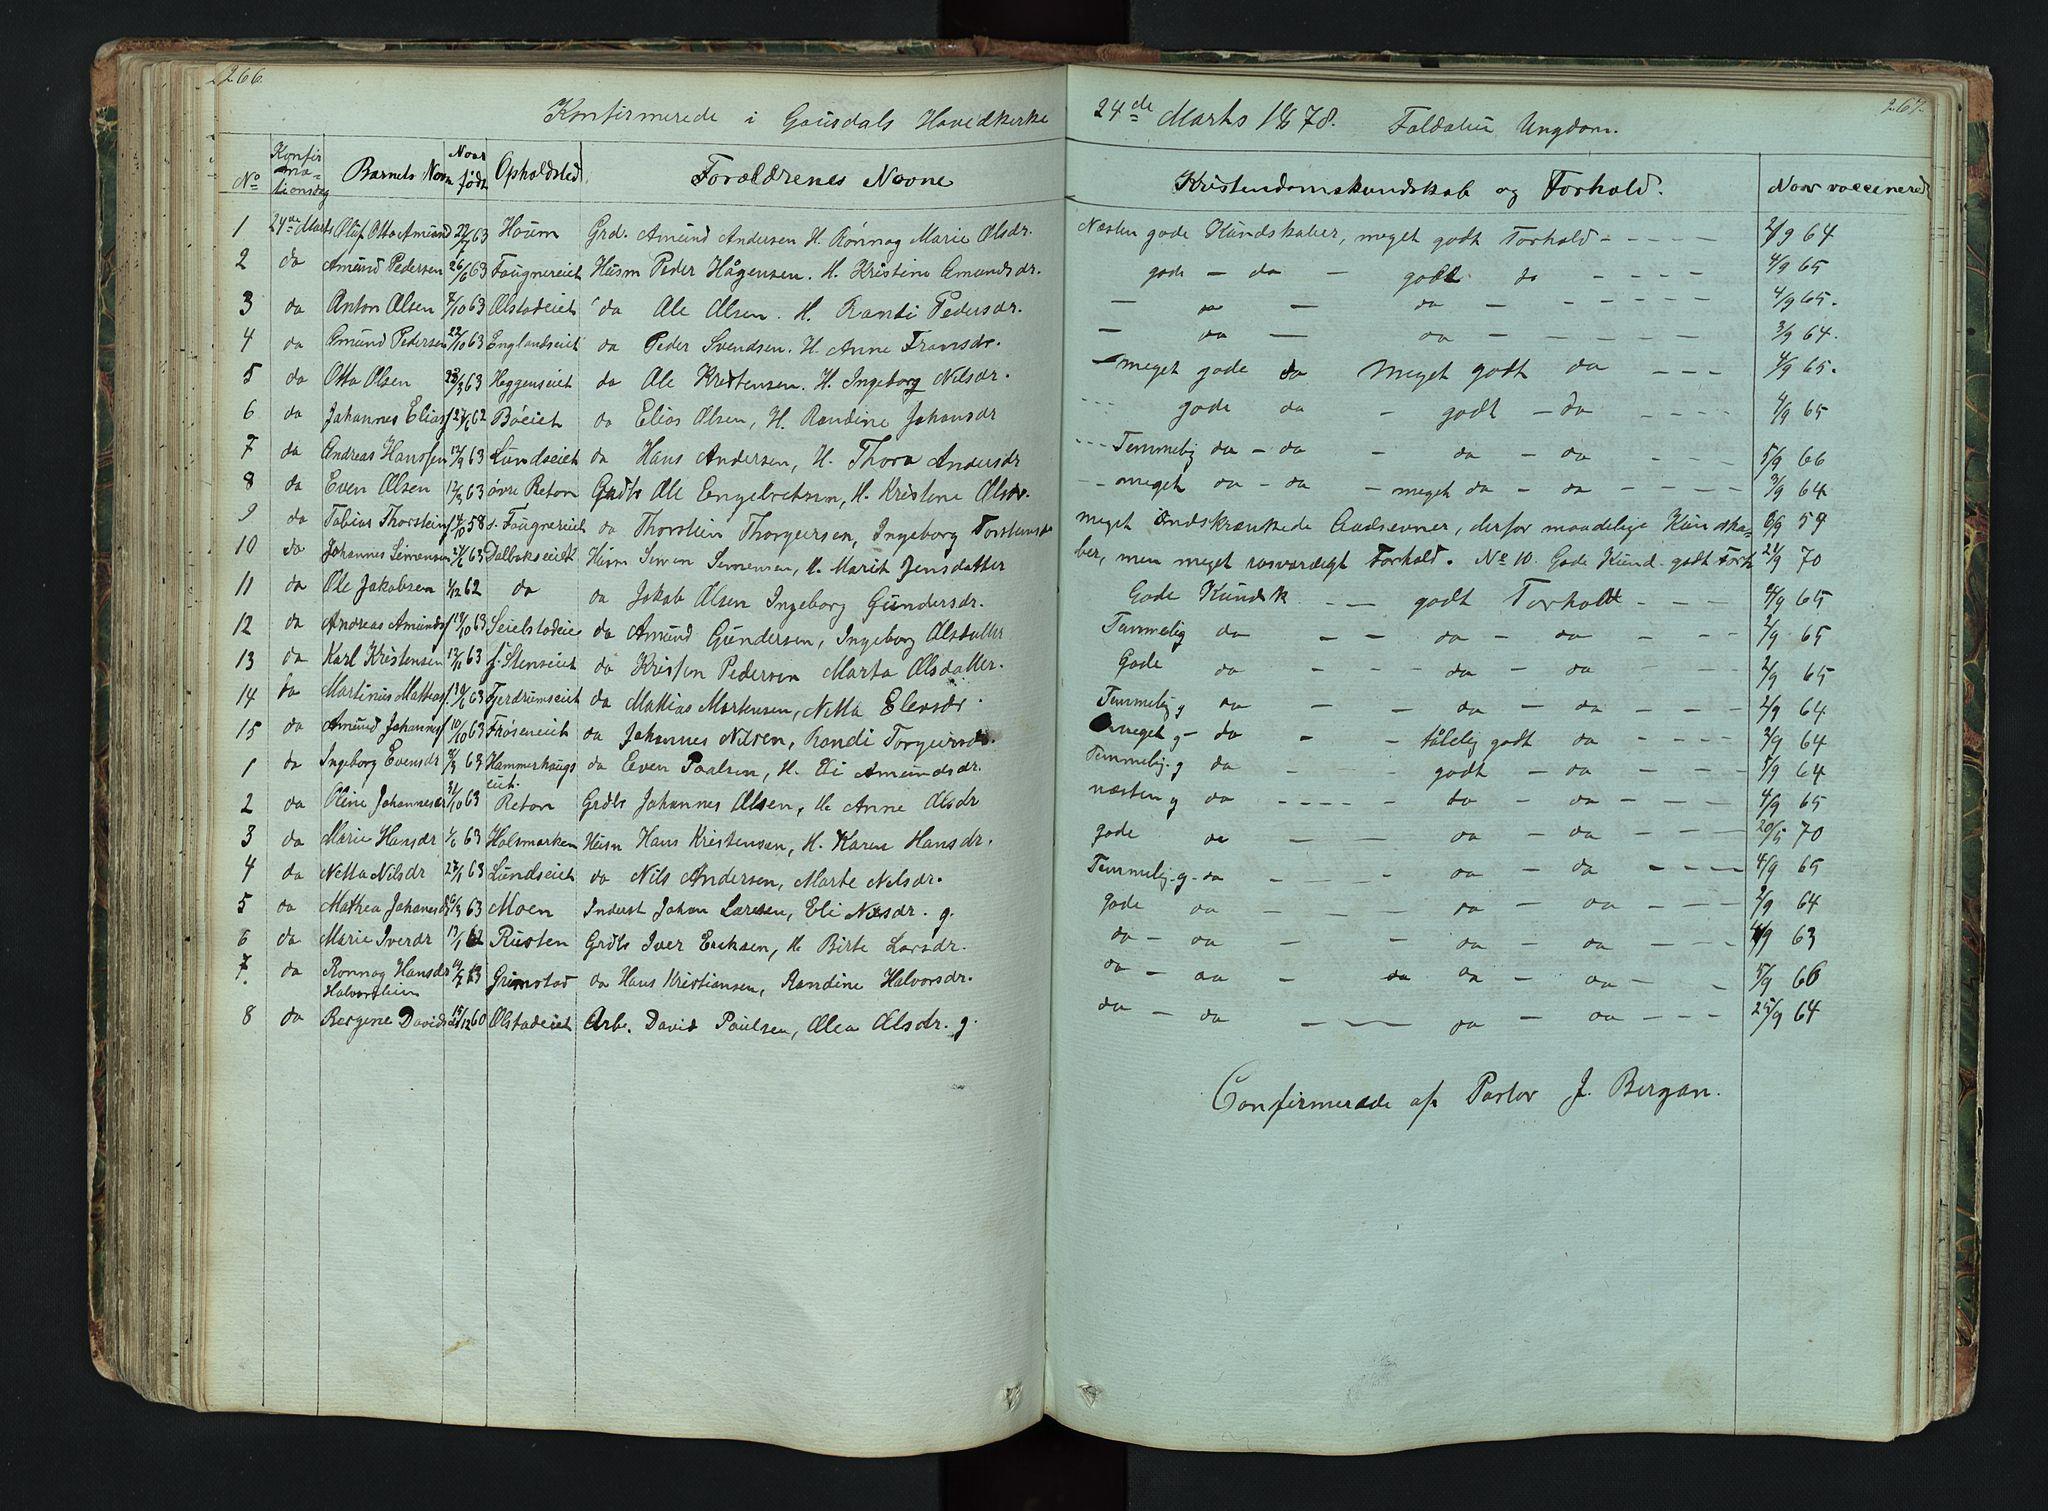 SAH, Gausdal prestekontor, Klokkerbok nr. 6, 1846-1893, s. 266-267